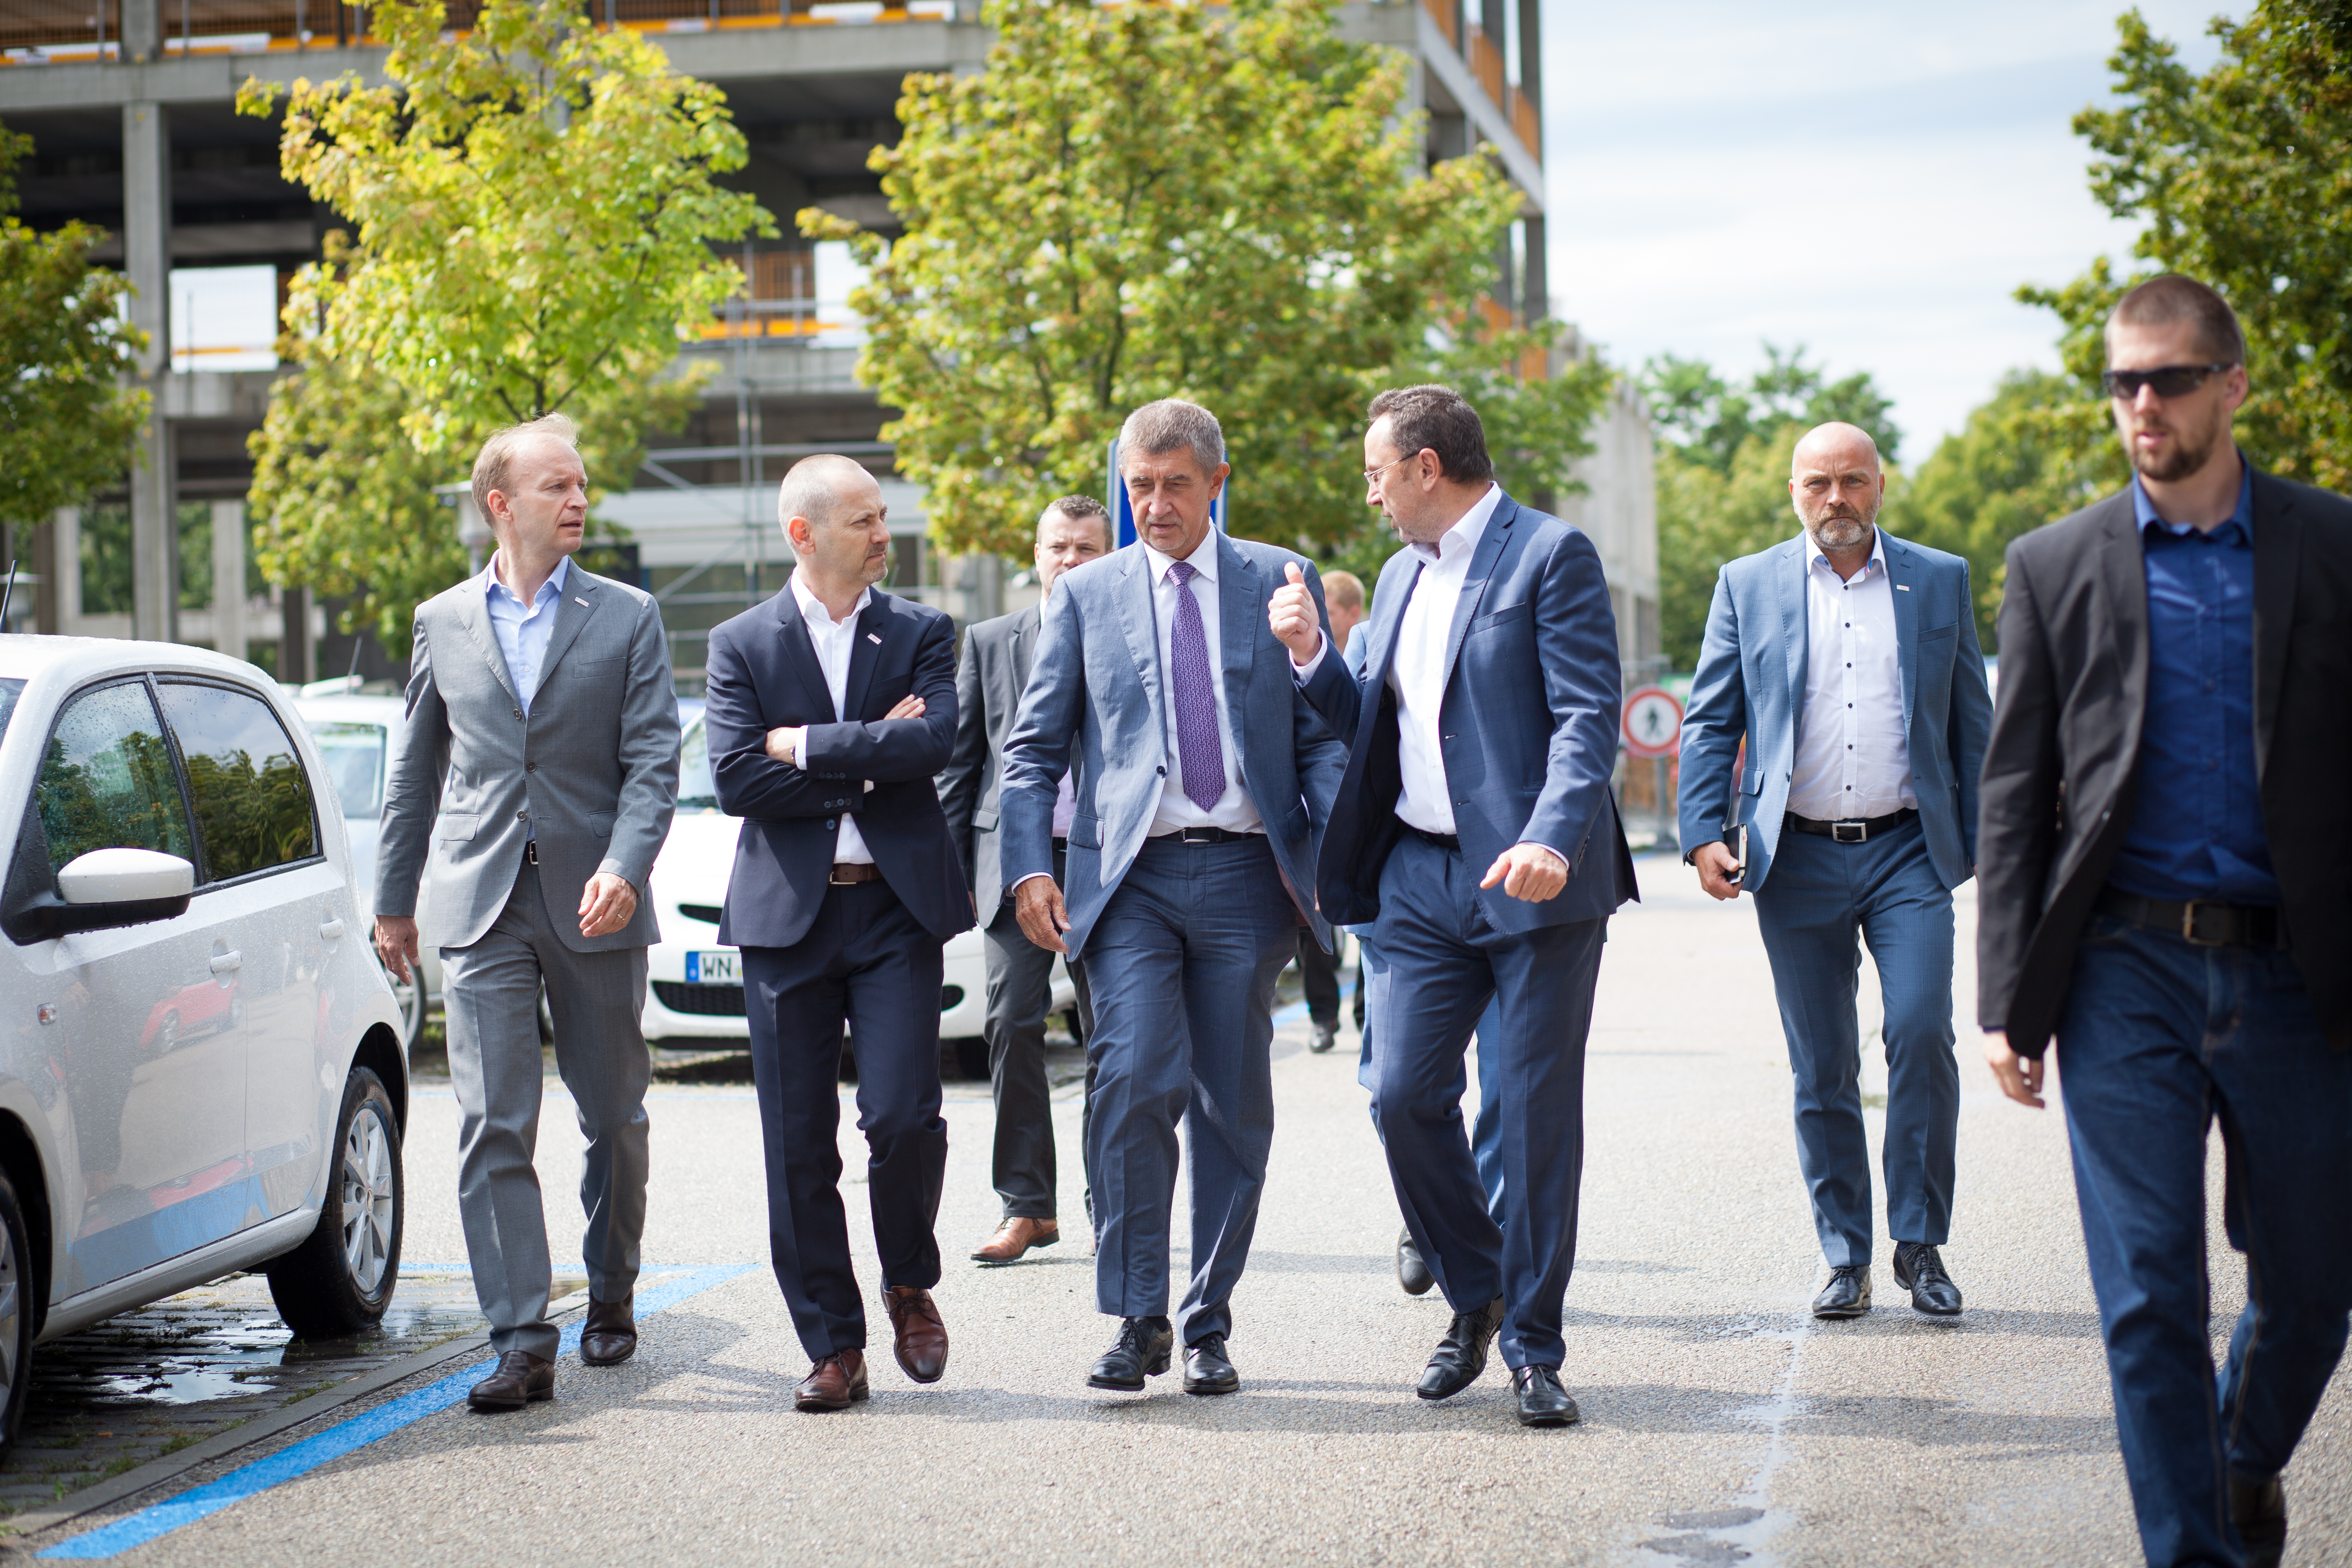 Premiér požádal o neplánovanou zacházku přímo k budově parkoviště